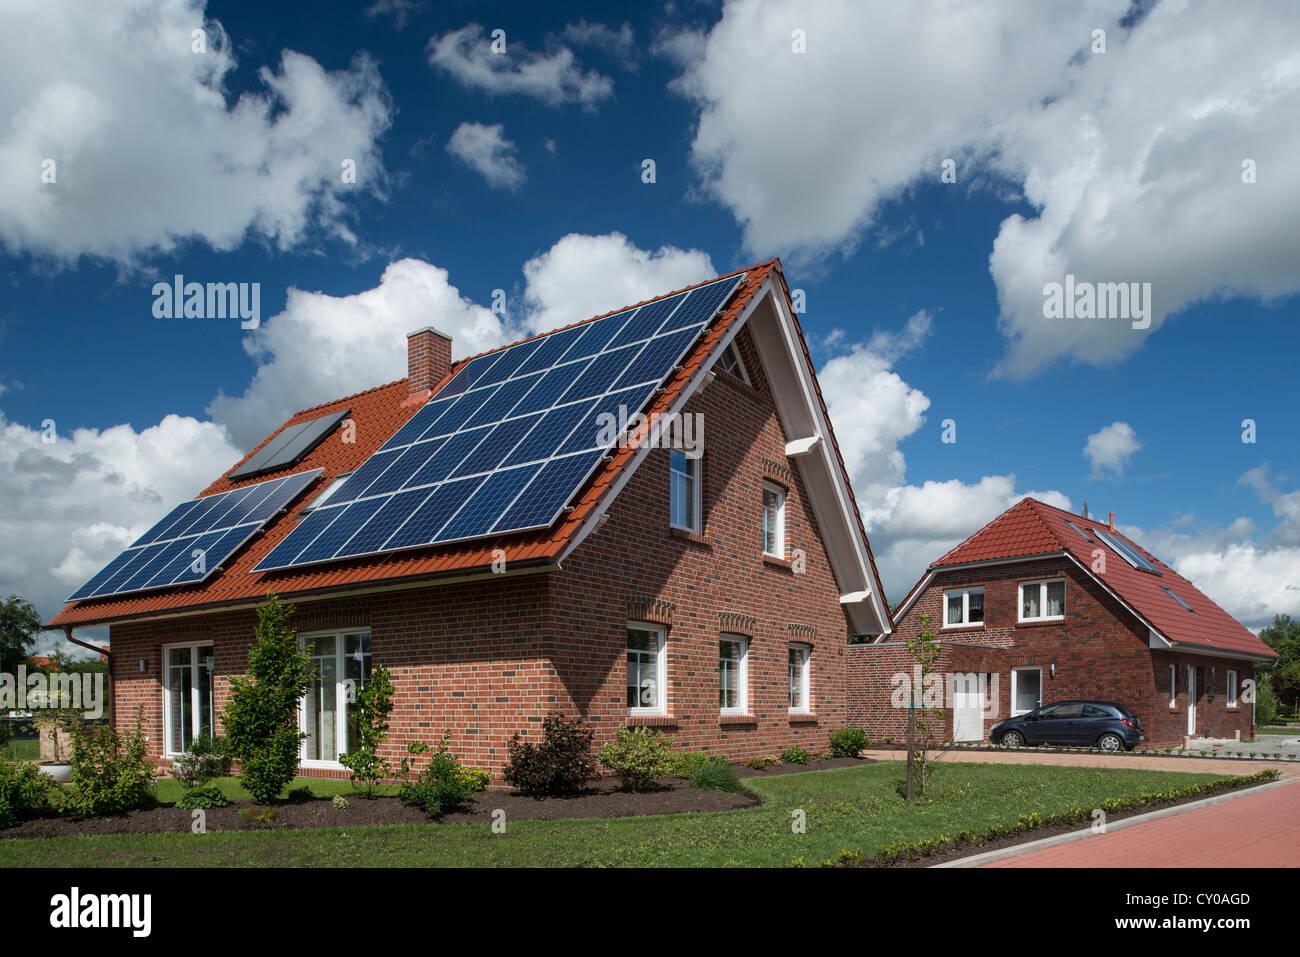 Wohnsiedlung, Mehrfamilienhaus mit solar und heiß-Wasser-Anlage auf dem Dach, Solarwärme, Ostfriesland, Stockbild